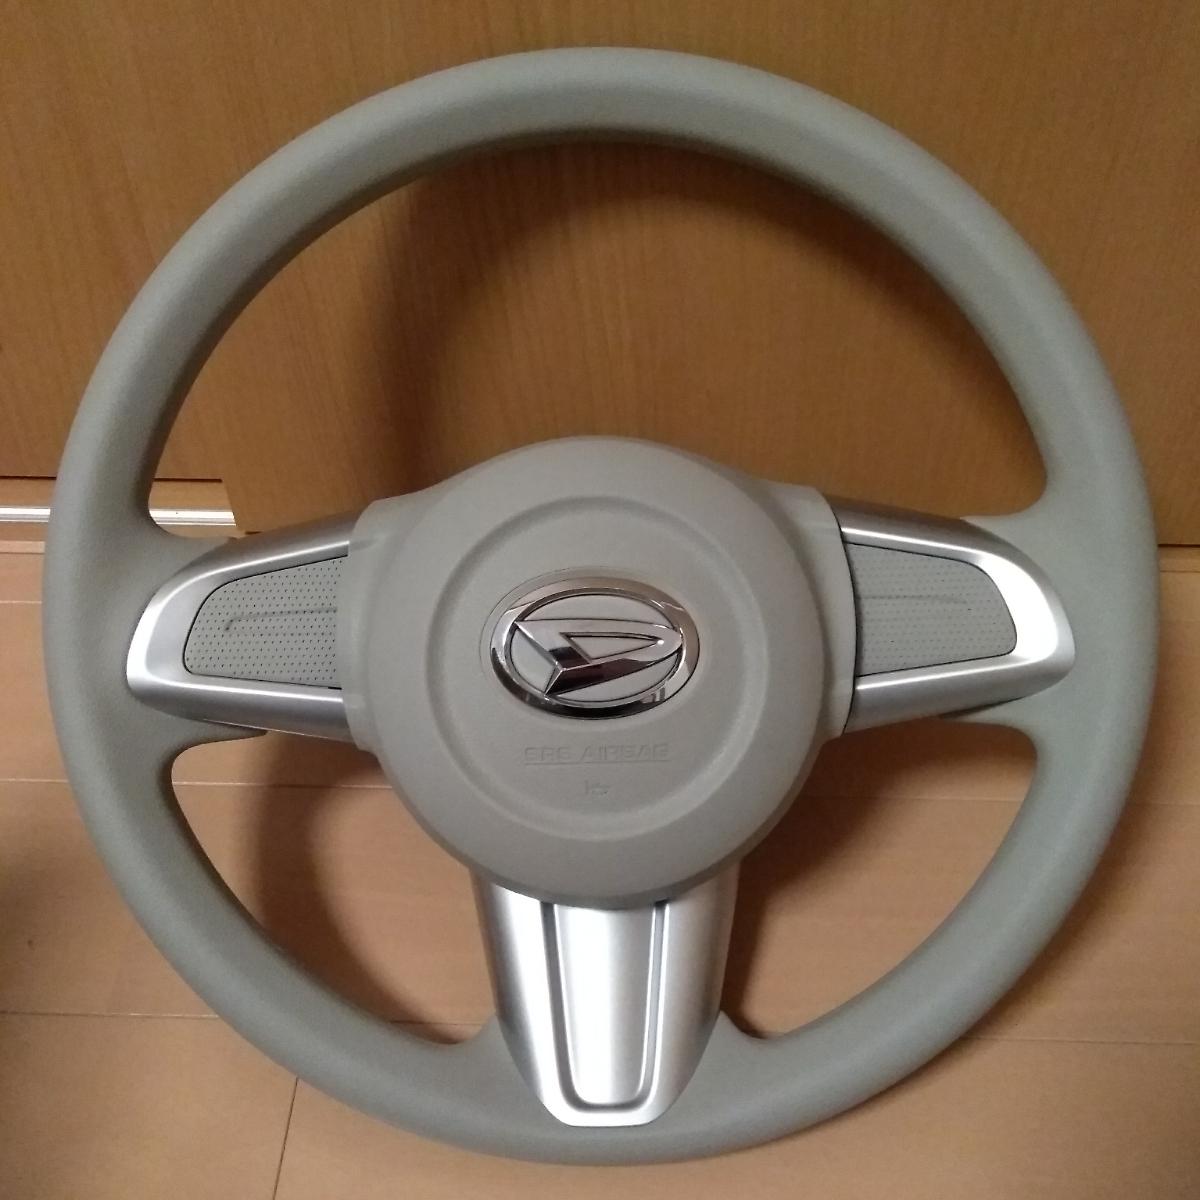 新車外し 即決 タントLA600S ステアリング エアバック付 コンテL575S ムーブLA100 ウェイク コペン エアーバック ハンドル